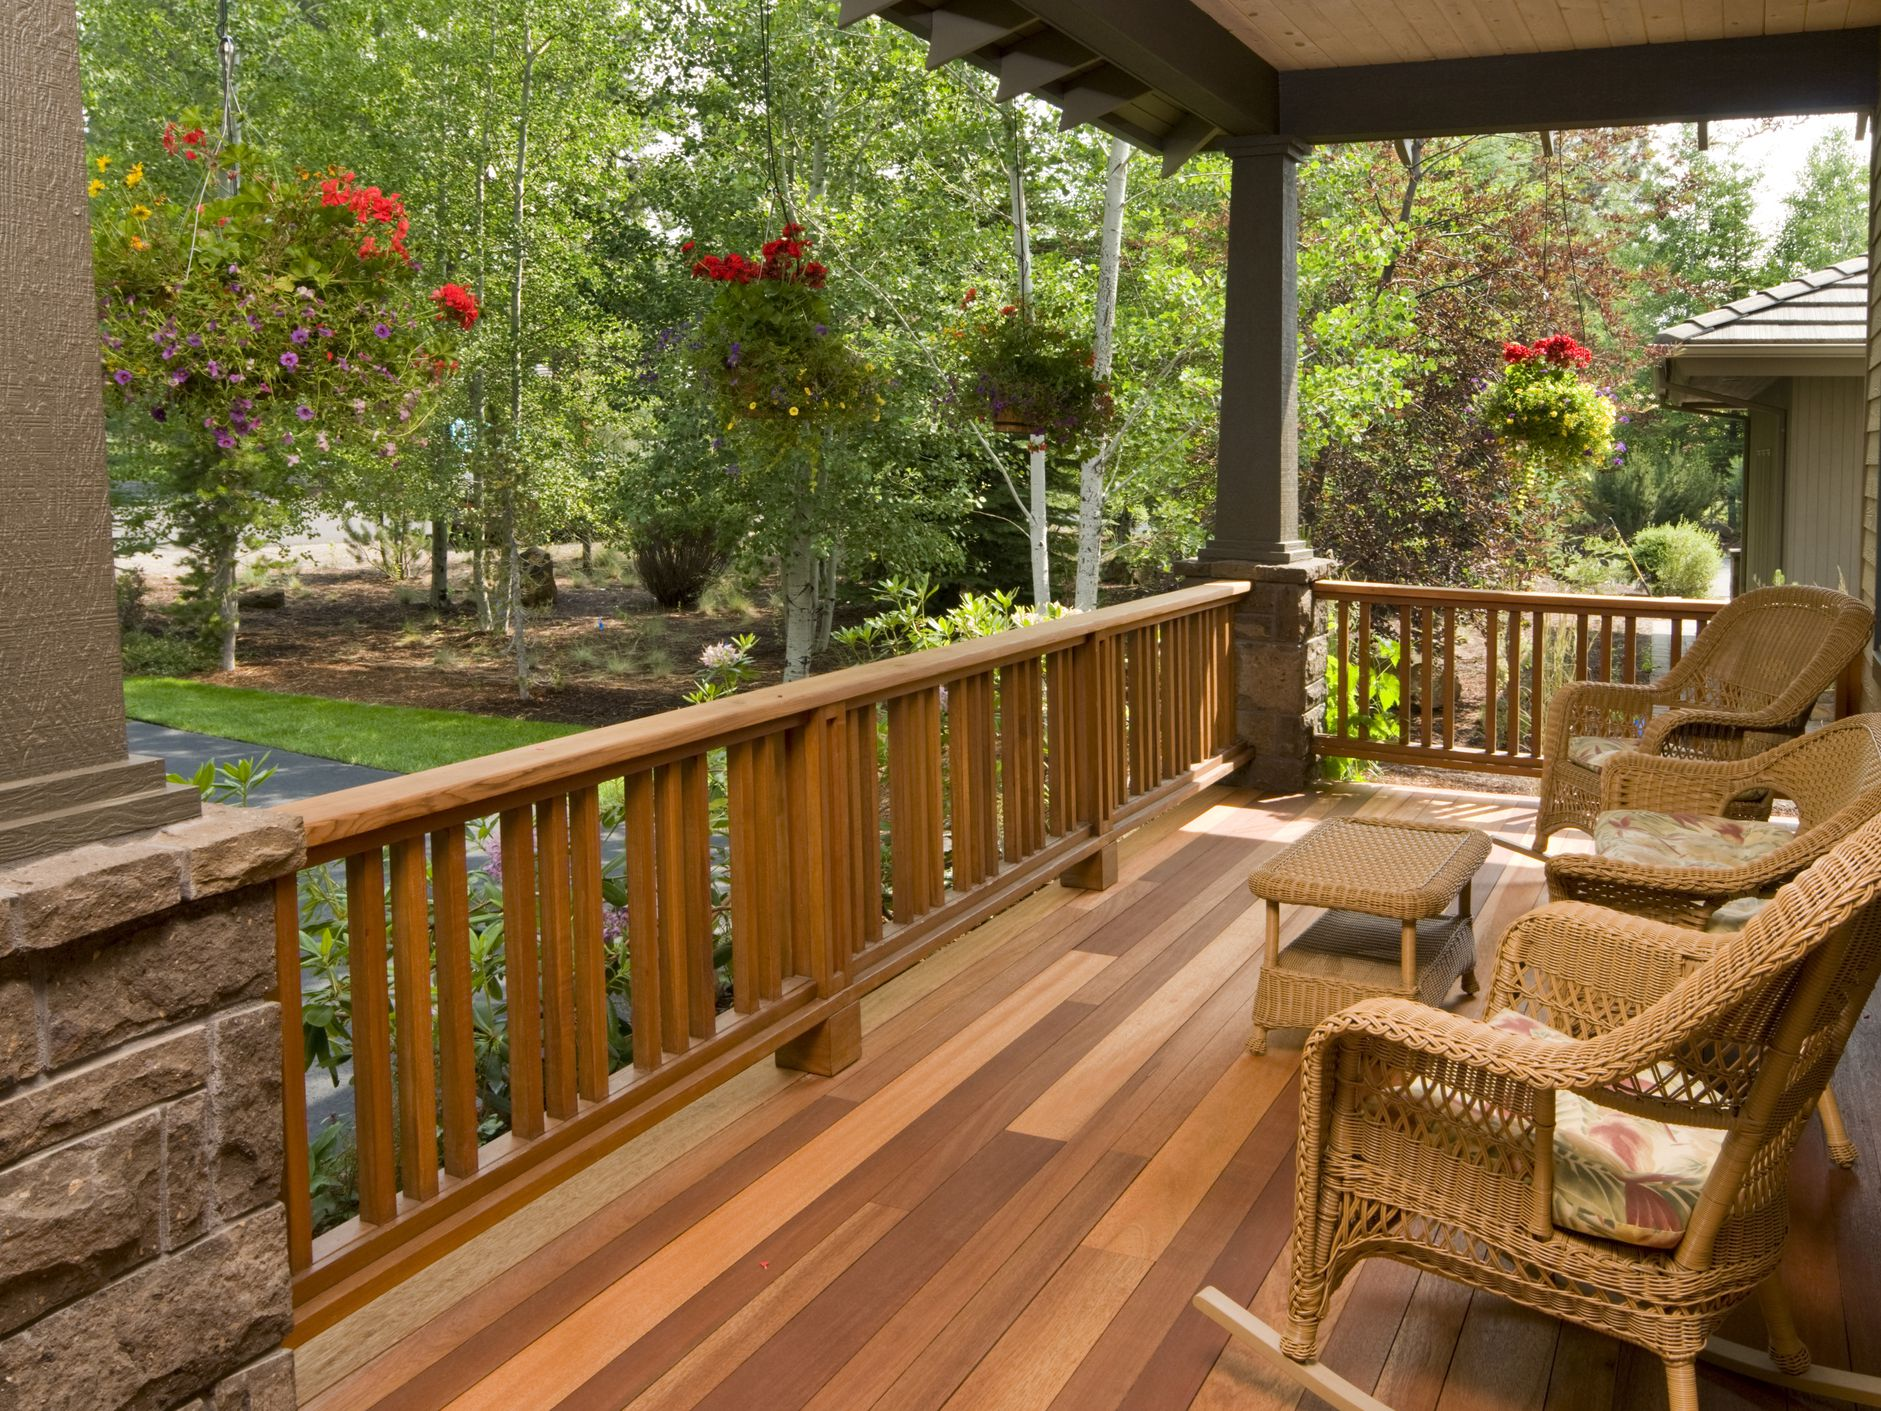 wood decks and composite decks